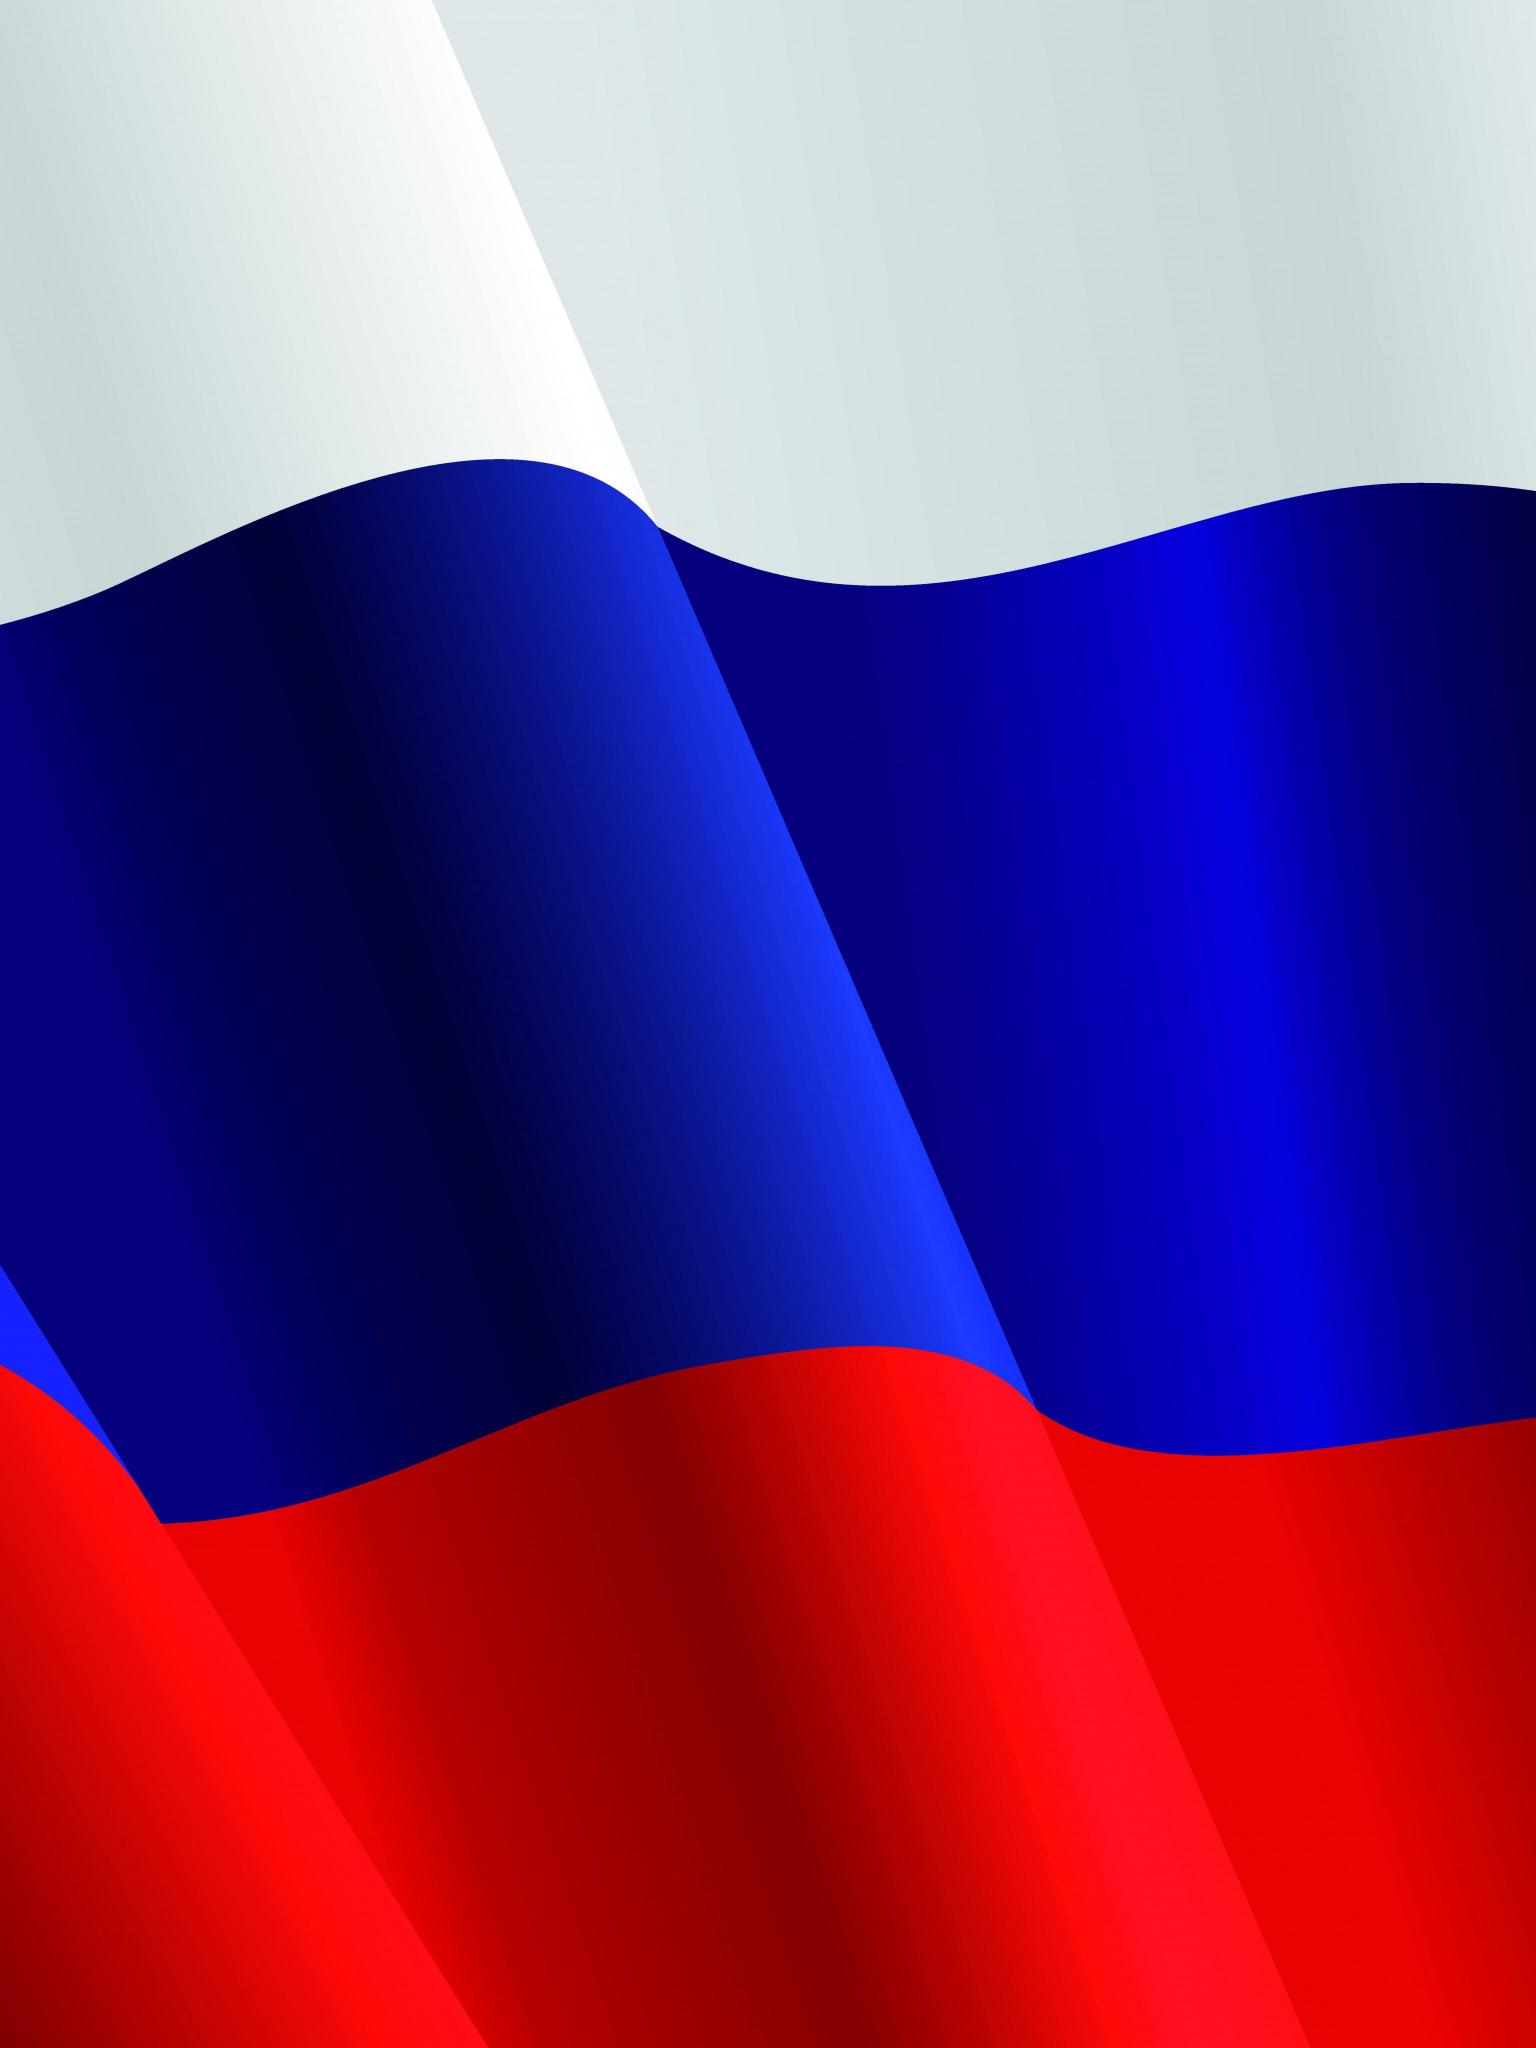 масло картинки на телефон российский флаг действительно